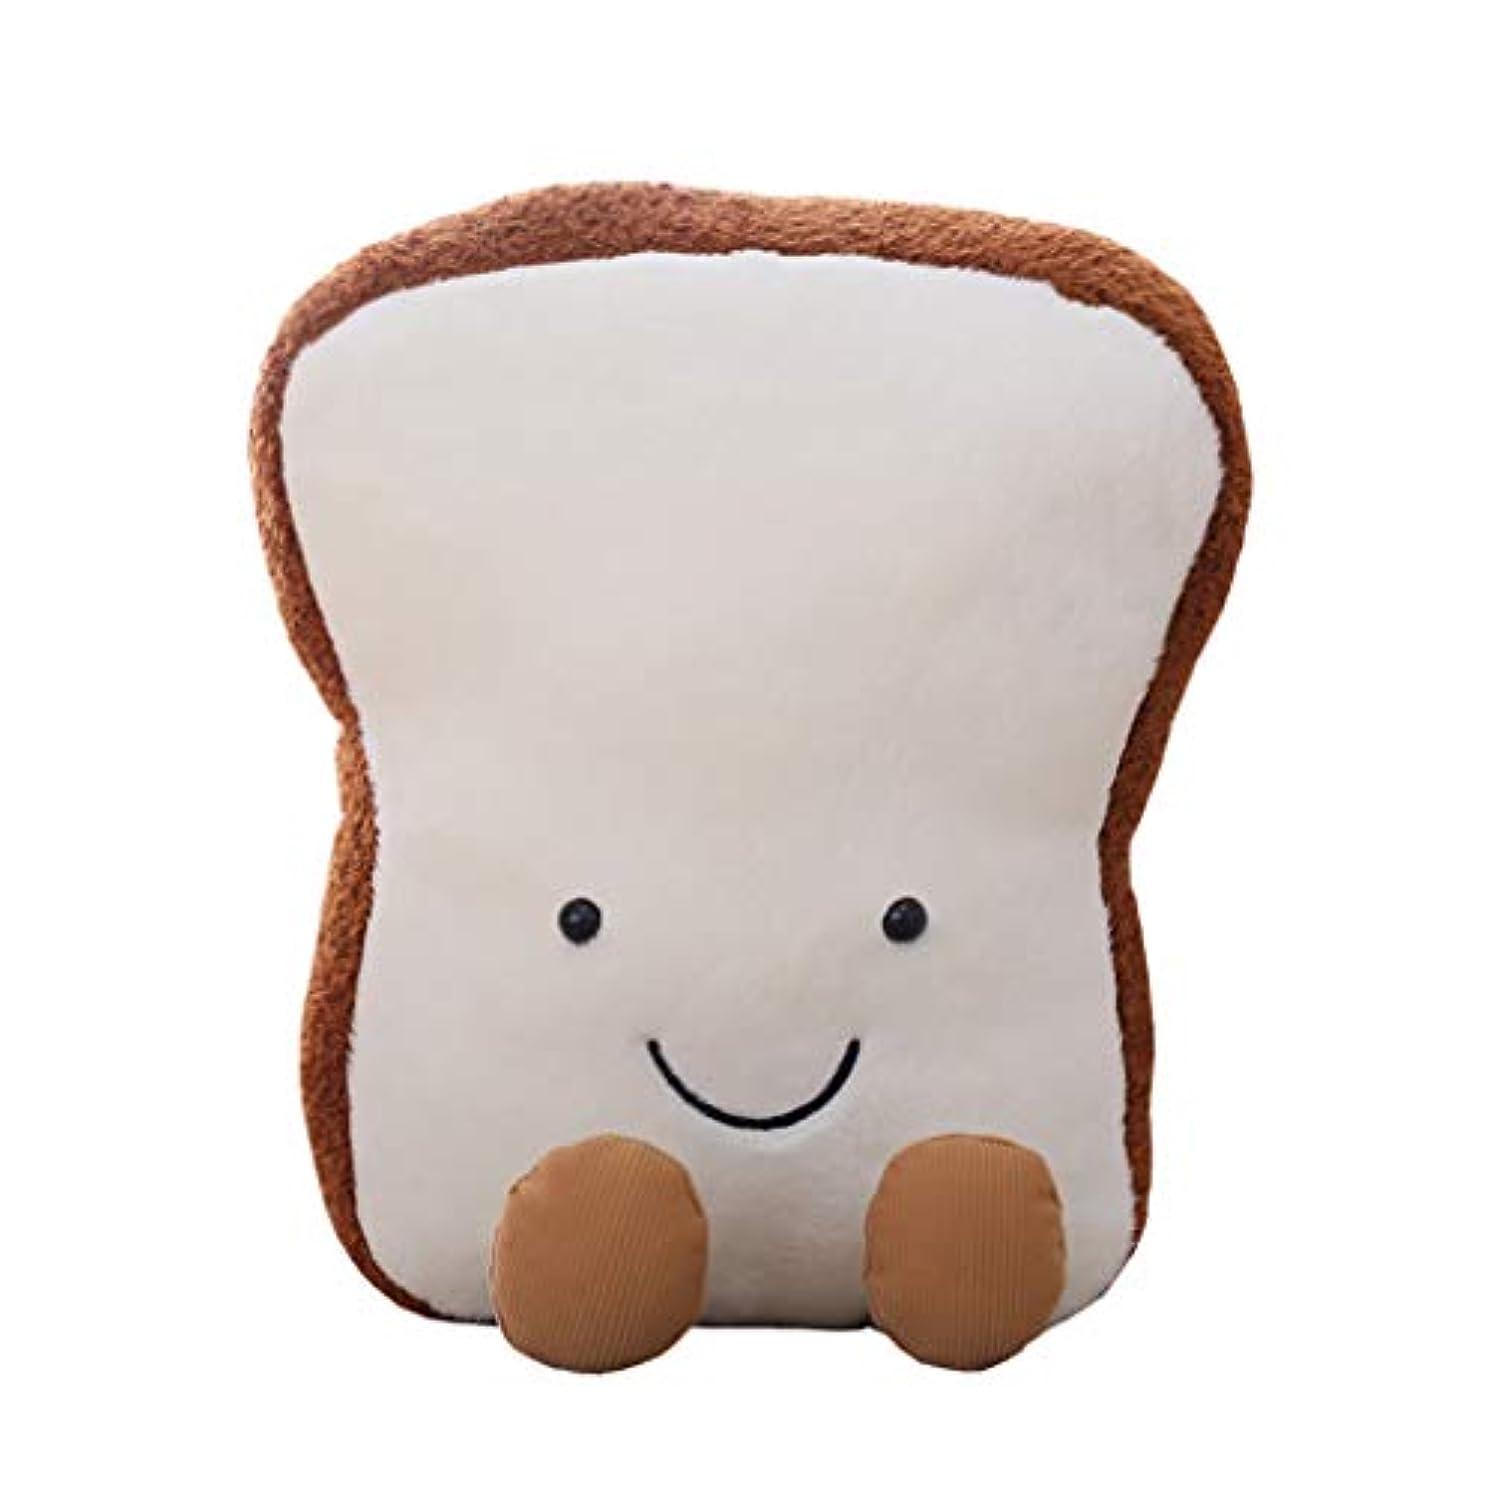 ディーラー毛皮摂氏度Minhuih 漫画トーストぬいぐる パン枕 子供のおもちゃ 知育玩具 子供のお誕生日プレゼント